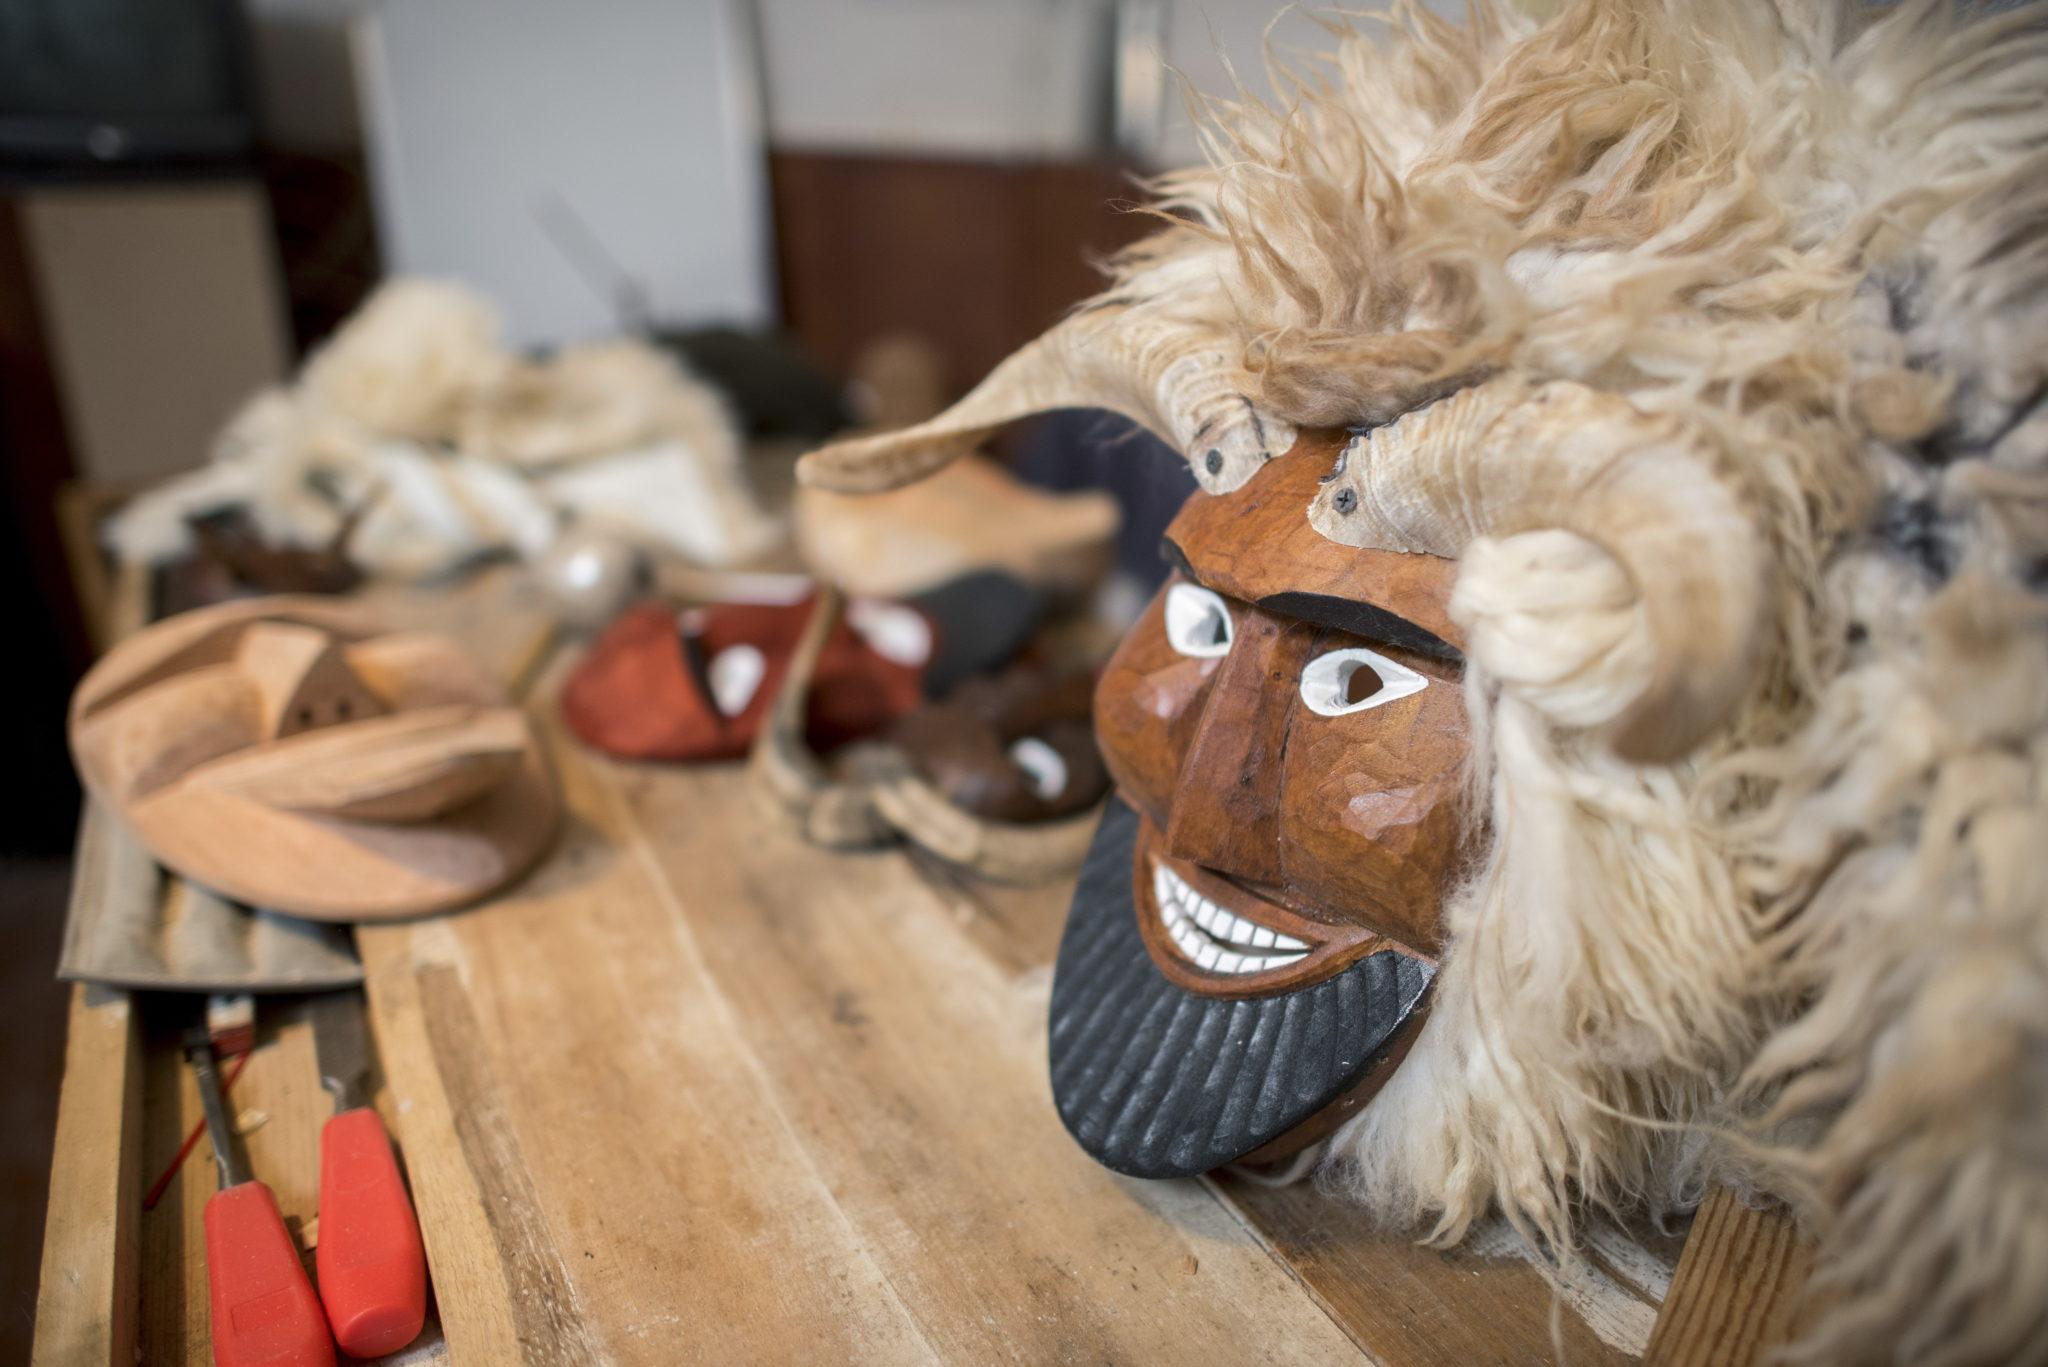 Węgry: maseczka busho, przygotowania do karnawału w Mohaczu – węgierskim miasteczku nad Dunajem. Tradycyjny karnawał Busho wyznacza koniec zimy. Zapoczątkowali go członkowie etnicznej chorwackiej grupy Shokatz, przerażające drewniane maski miały wówczas odstraszyć tureckich najeźdźców, fot. Tamas Soki, PAP/EPA.